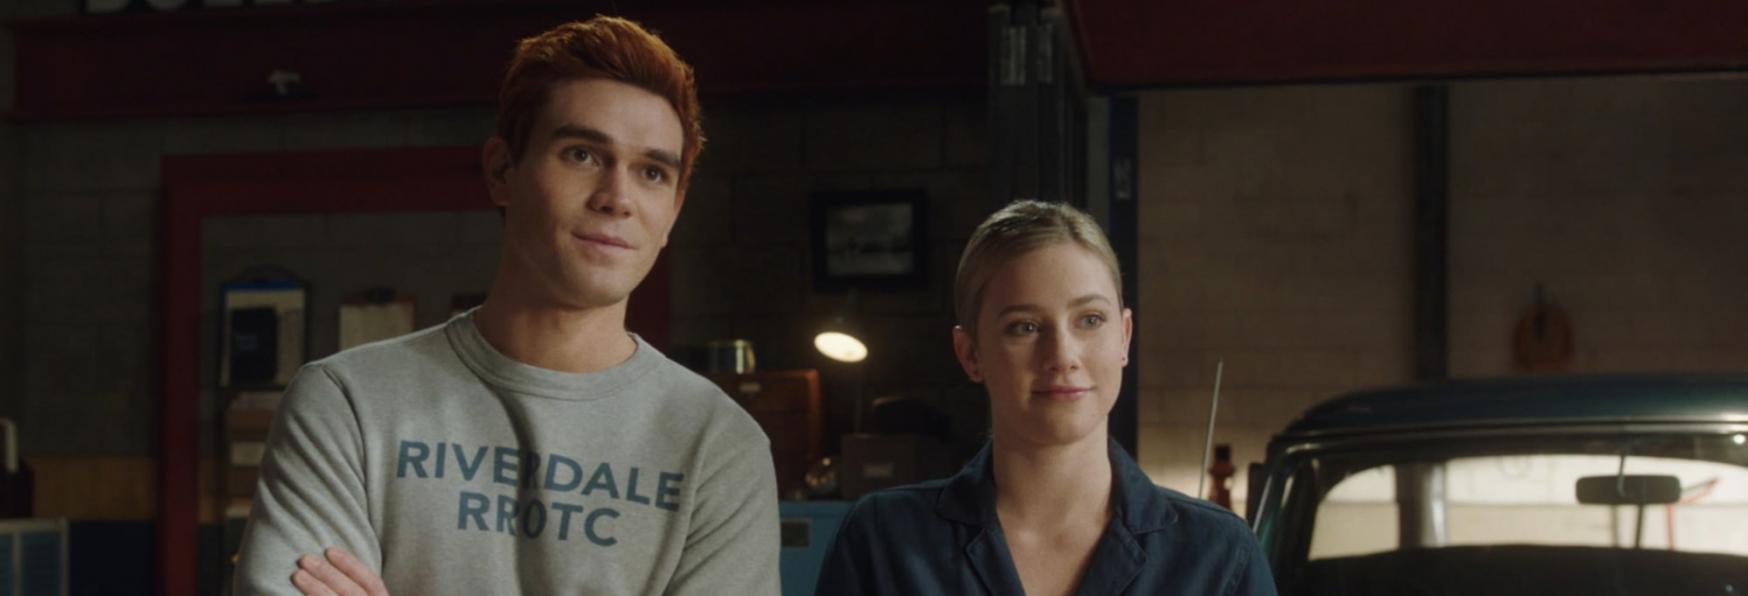 Riverdale 5: Rilasciato il Trailer della Seconda Parte della Stagione